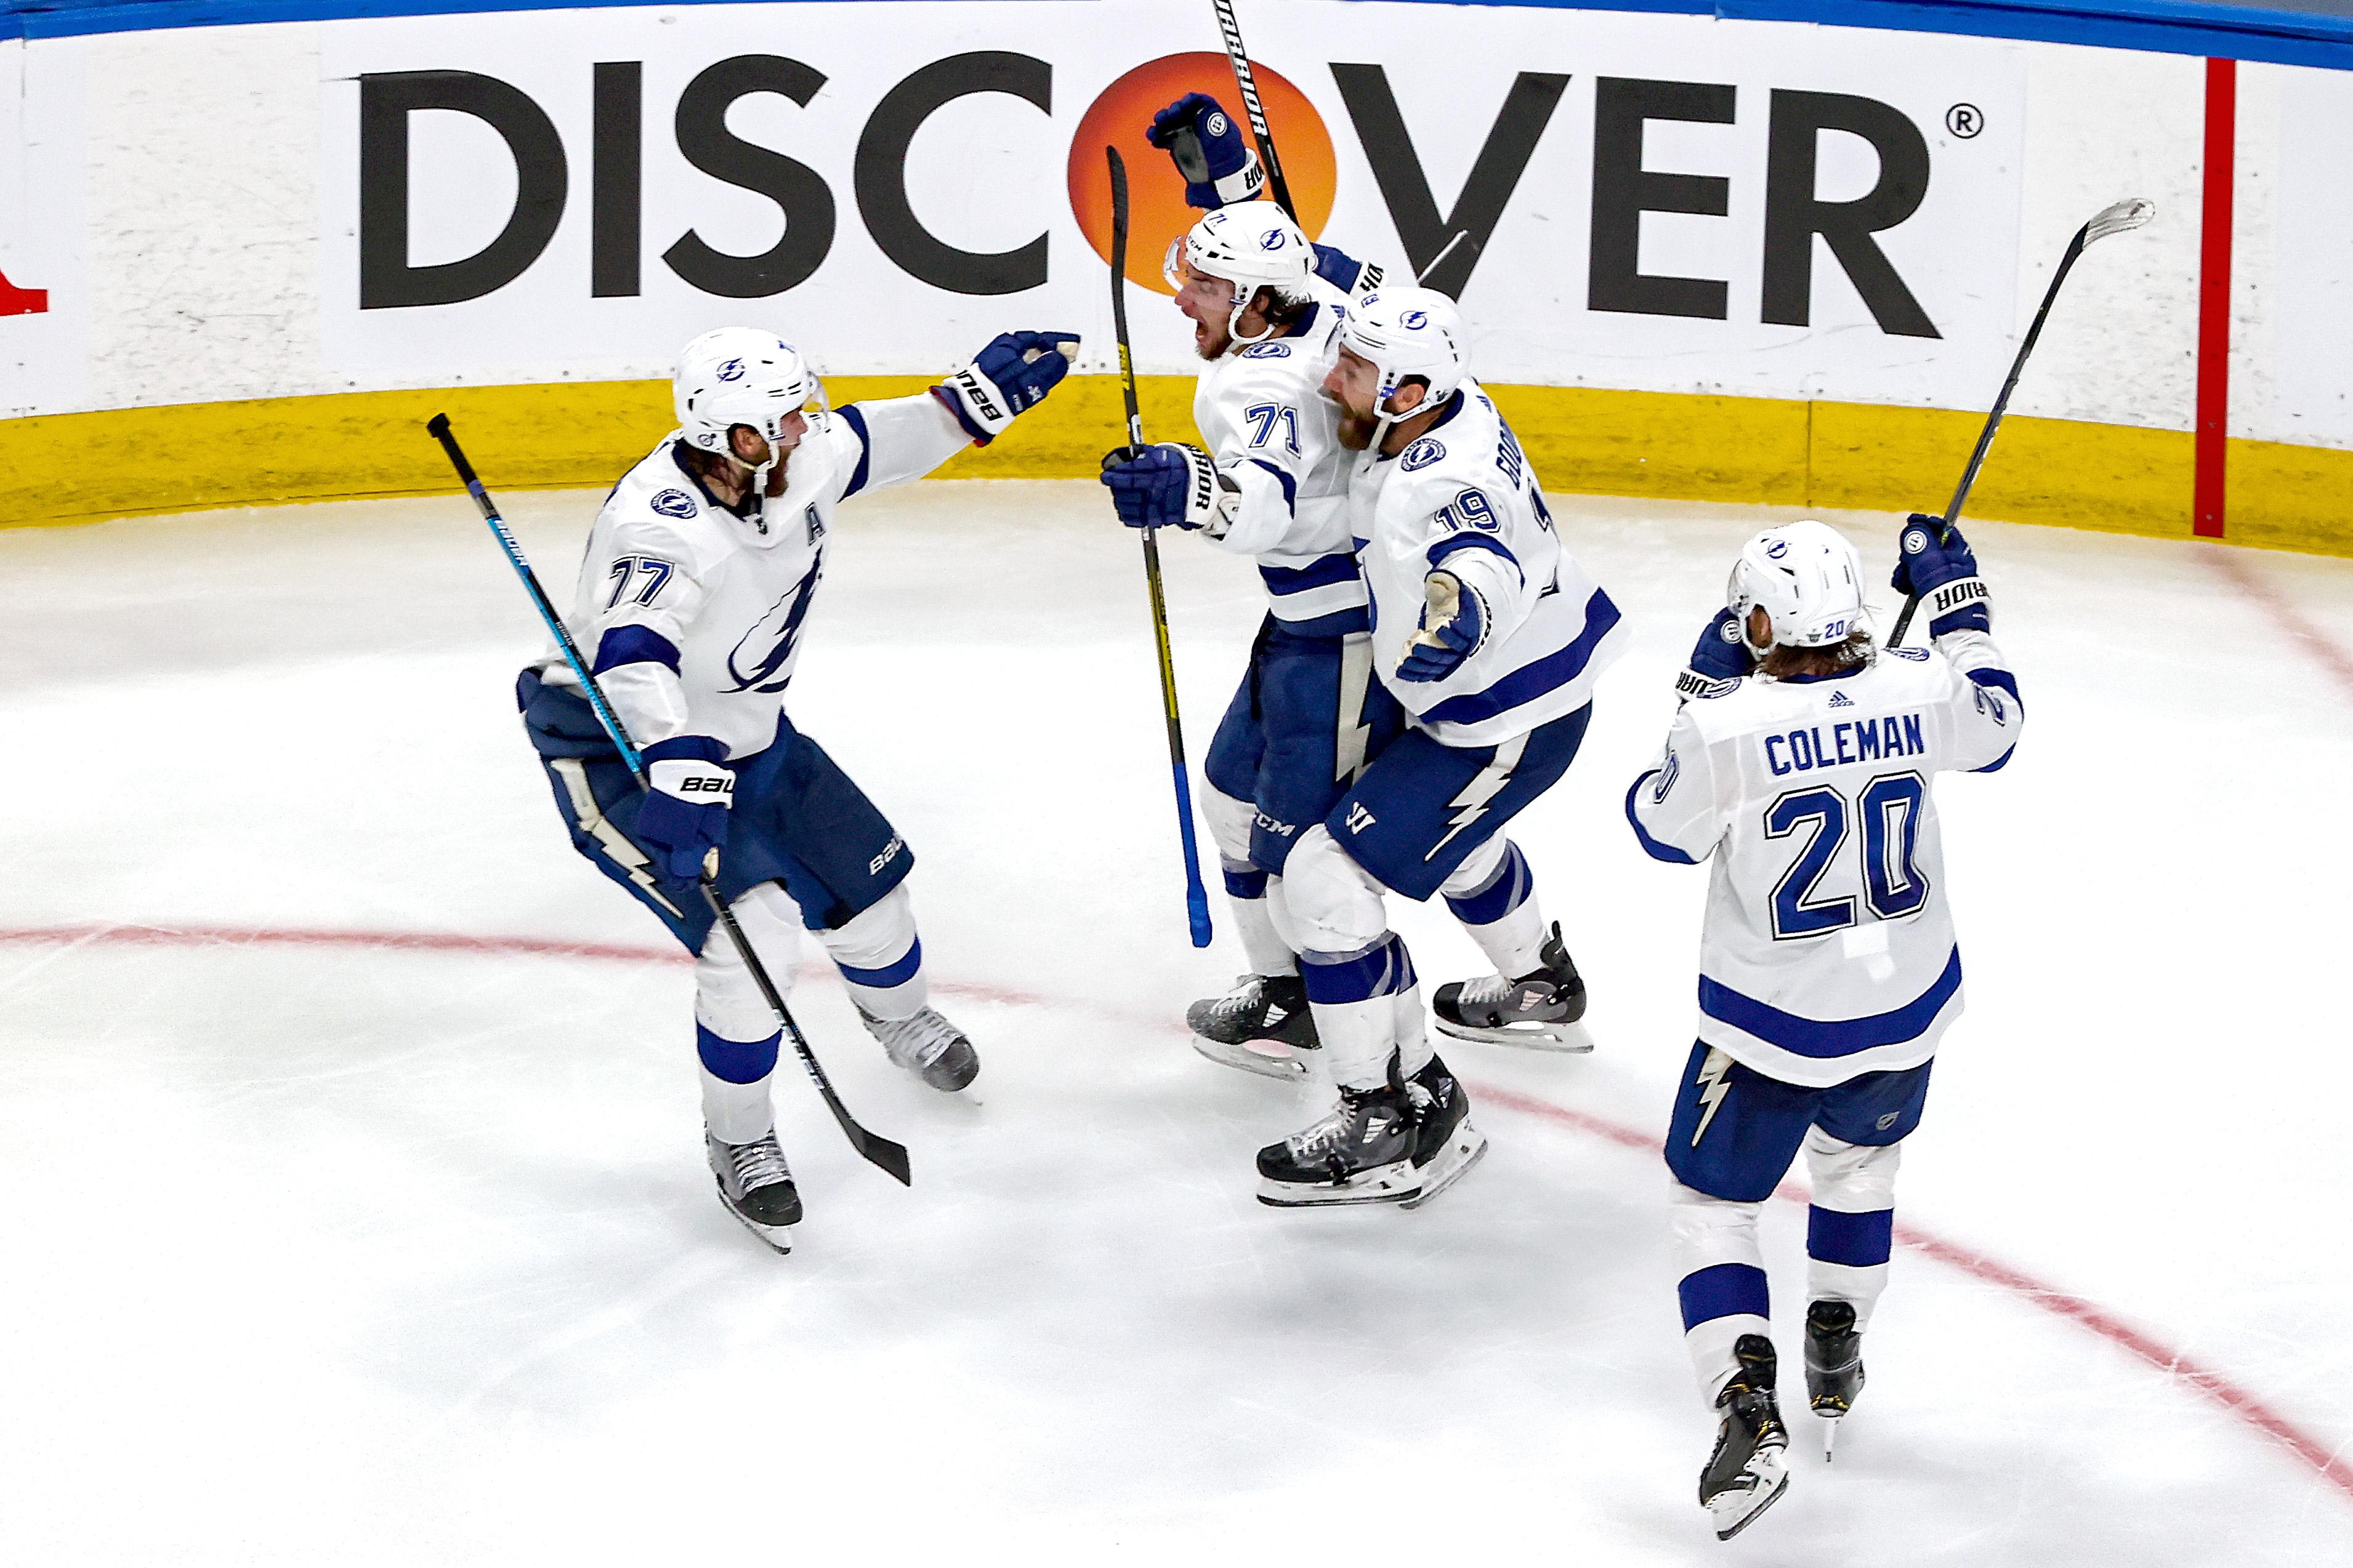 安东尼·海利的坦帕湾闪电是祝贺队友进球后一个目标后的比赛中,打入制胜一球后狂喜与纽约岛民第一加班期间赢得东部决赛的6场季后赛在2020年NHL斯坦利杯在罗杰斯地方9月17日,2020年在阿尔伯塔省埃德蒙顿加拿大。